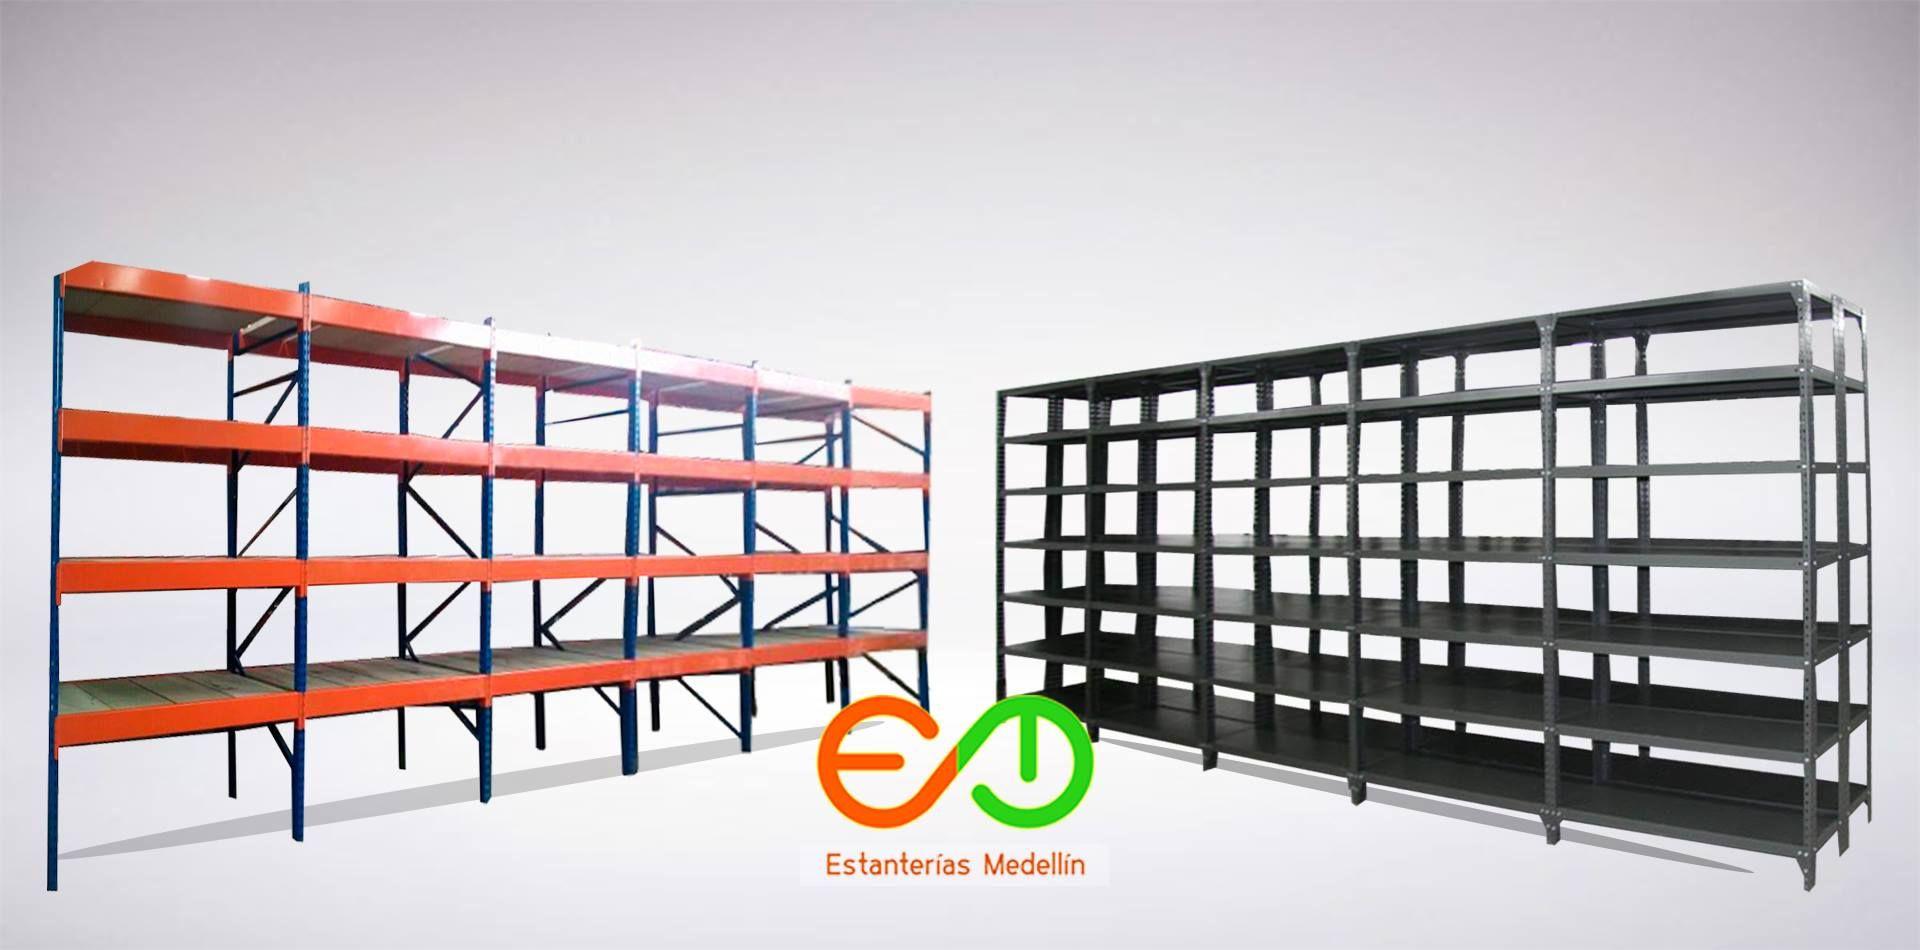 Estanterias Medellin Estanterias Metalicas Medellin Muebles Para  # Muebles Ramirez Almeria